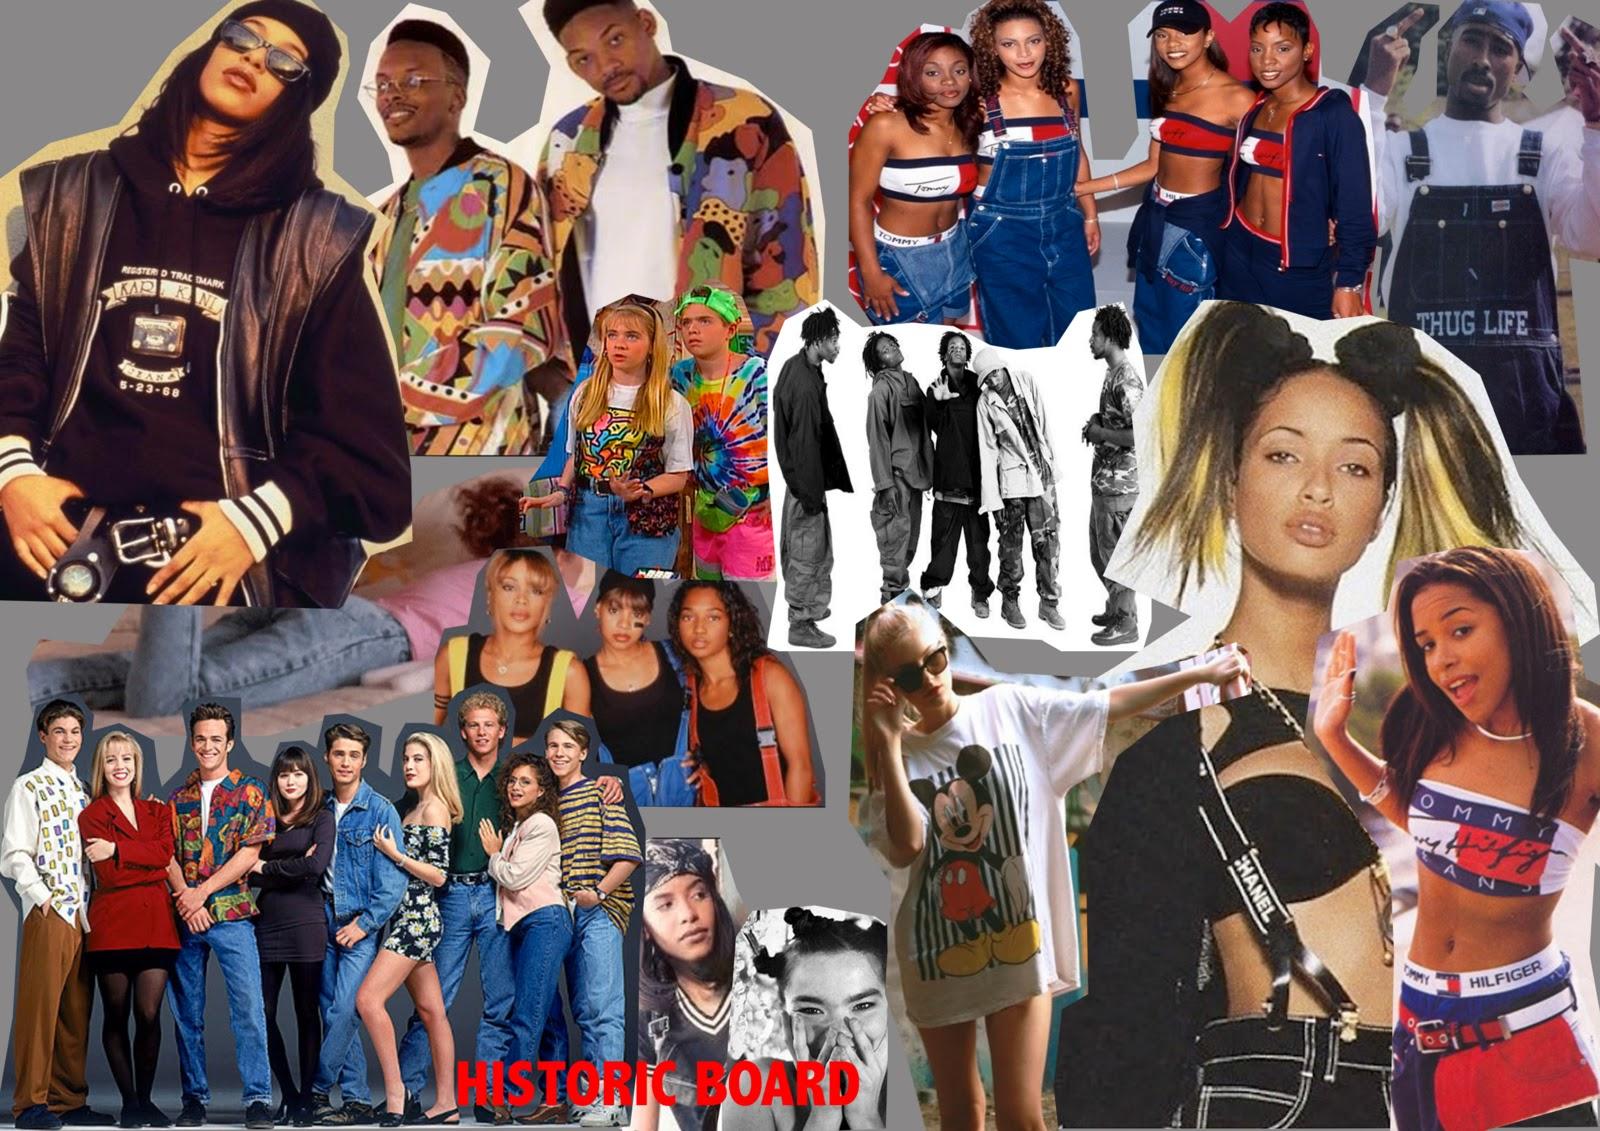 Populair Wedden dat je deze kleding droeg als je jong was in de jaren '90  #CK88